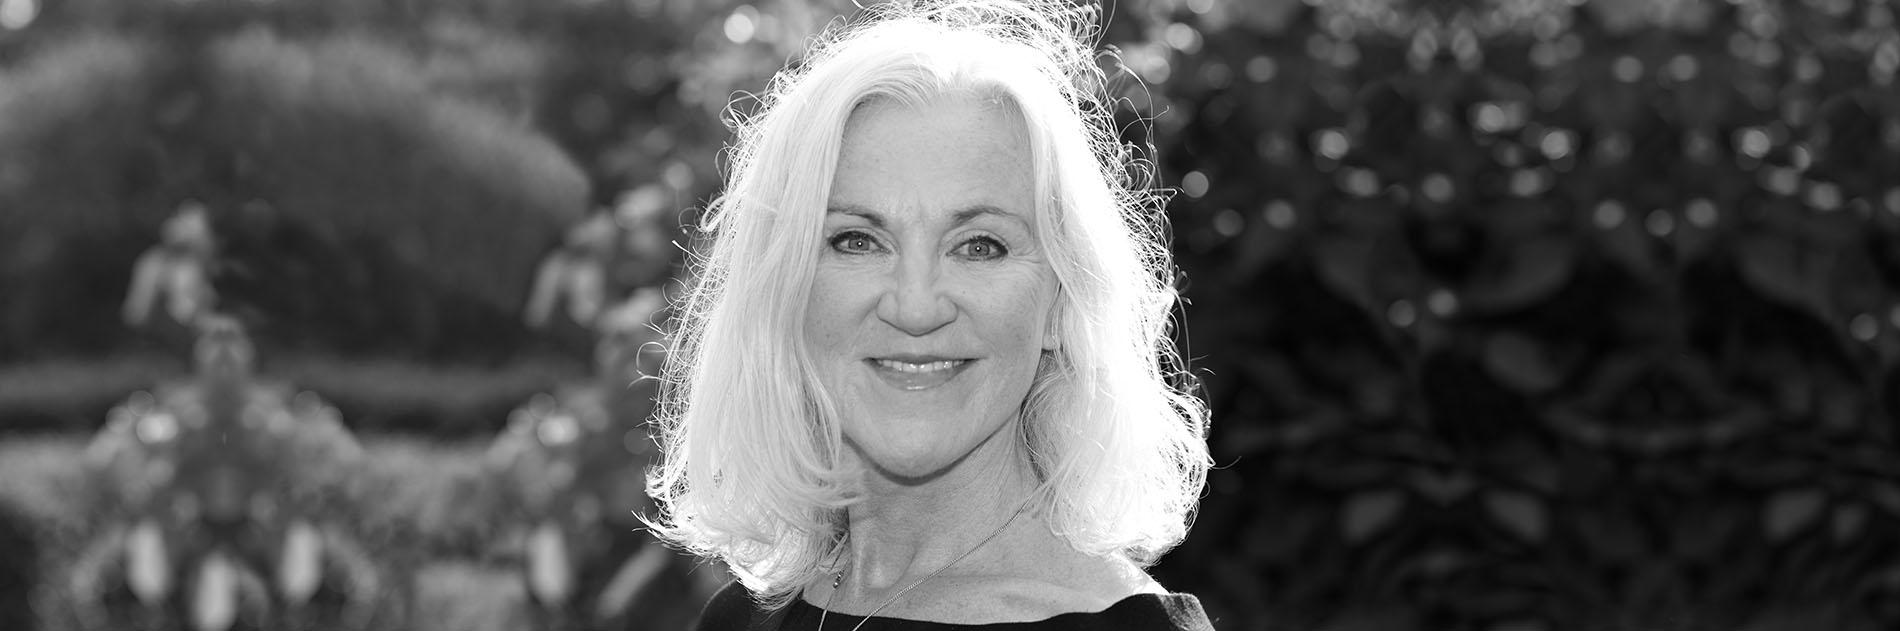 Susanne Dencker fra LIVSSPOR SIGER: Kontakt mig endelig - samtalen er meget bedre end envejskommunikation på en hjemmeside.